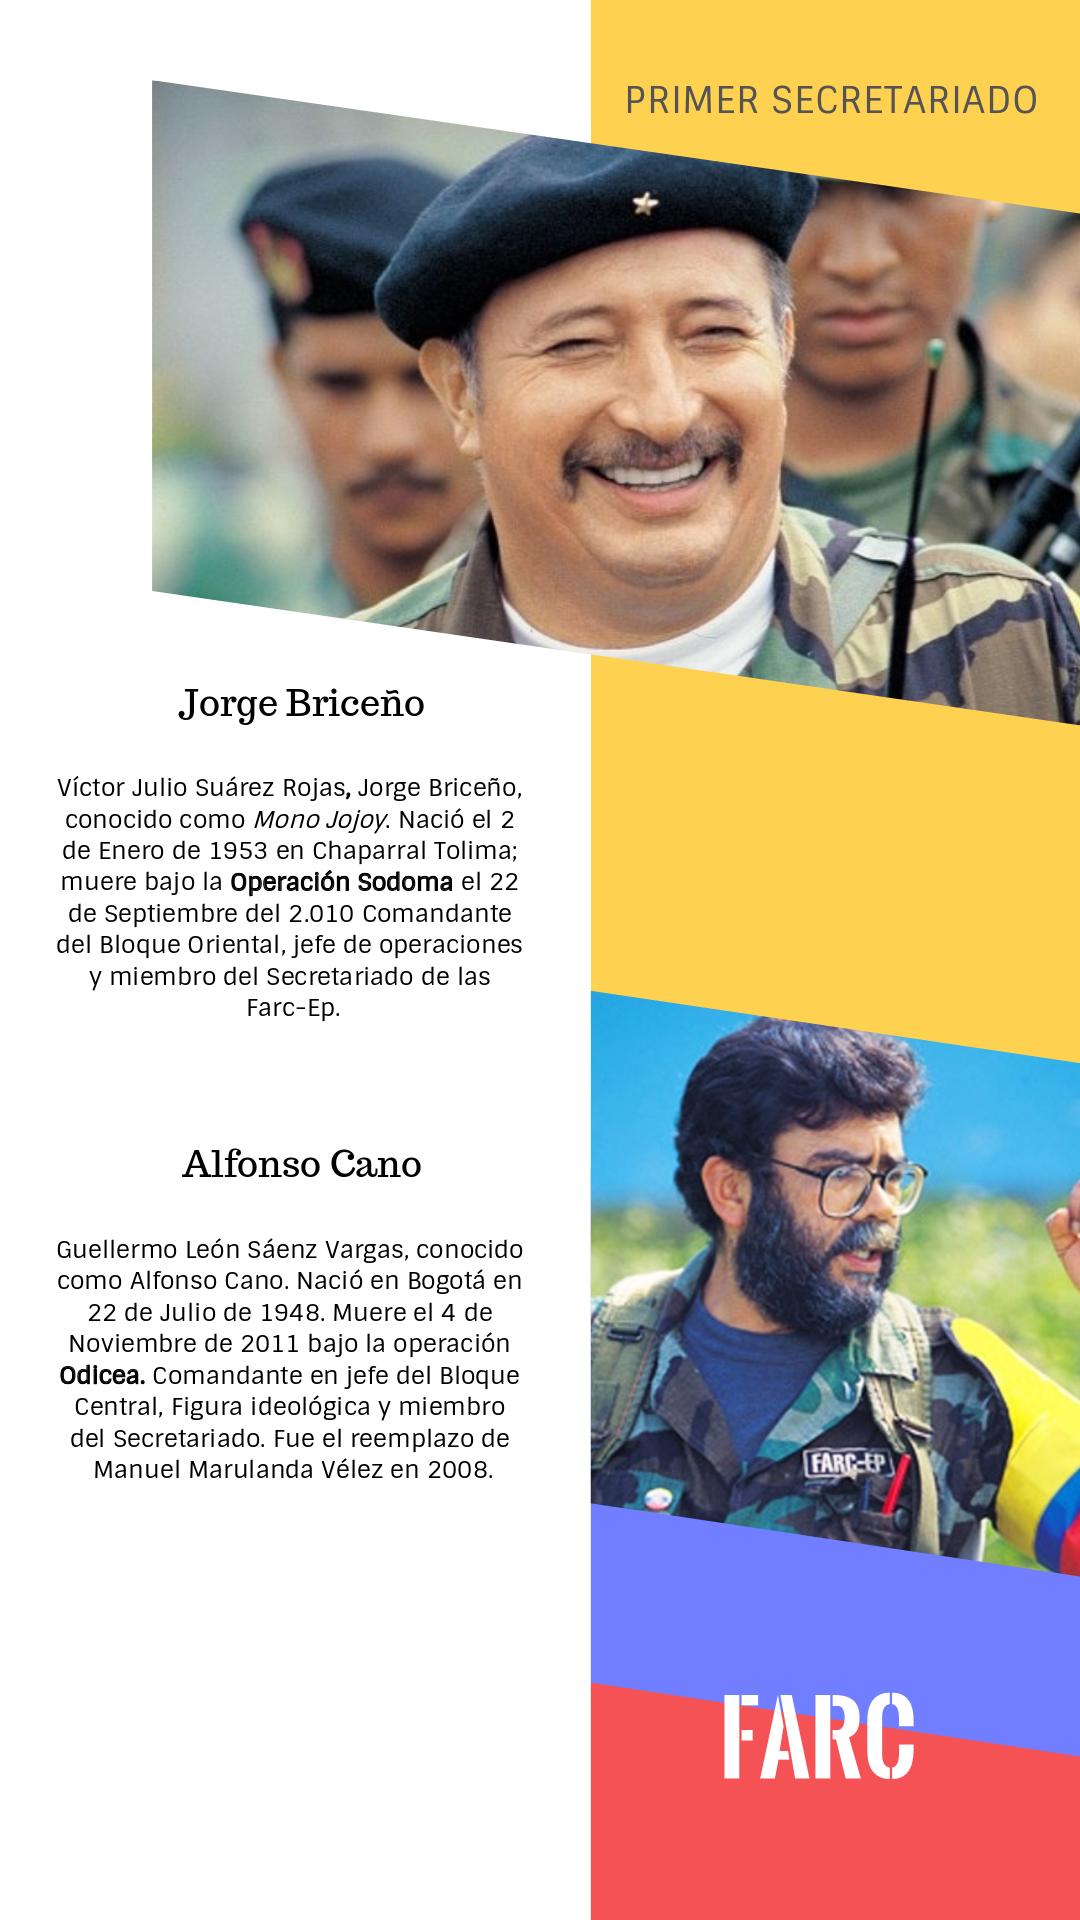 Primer Secretariado página 3